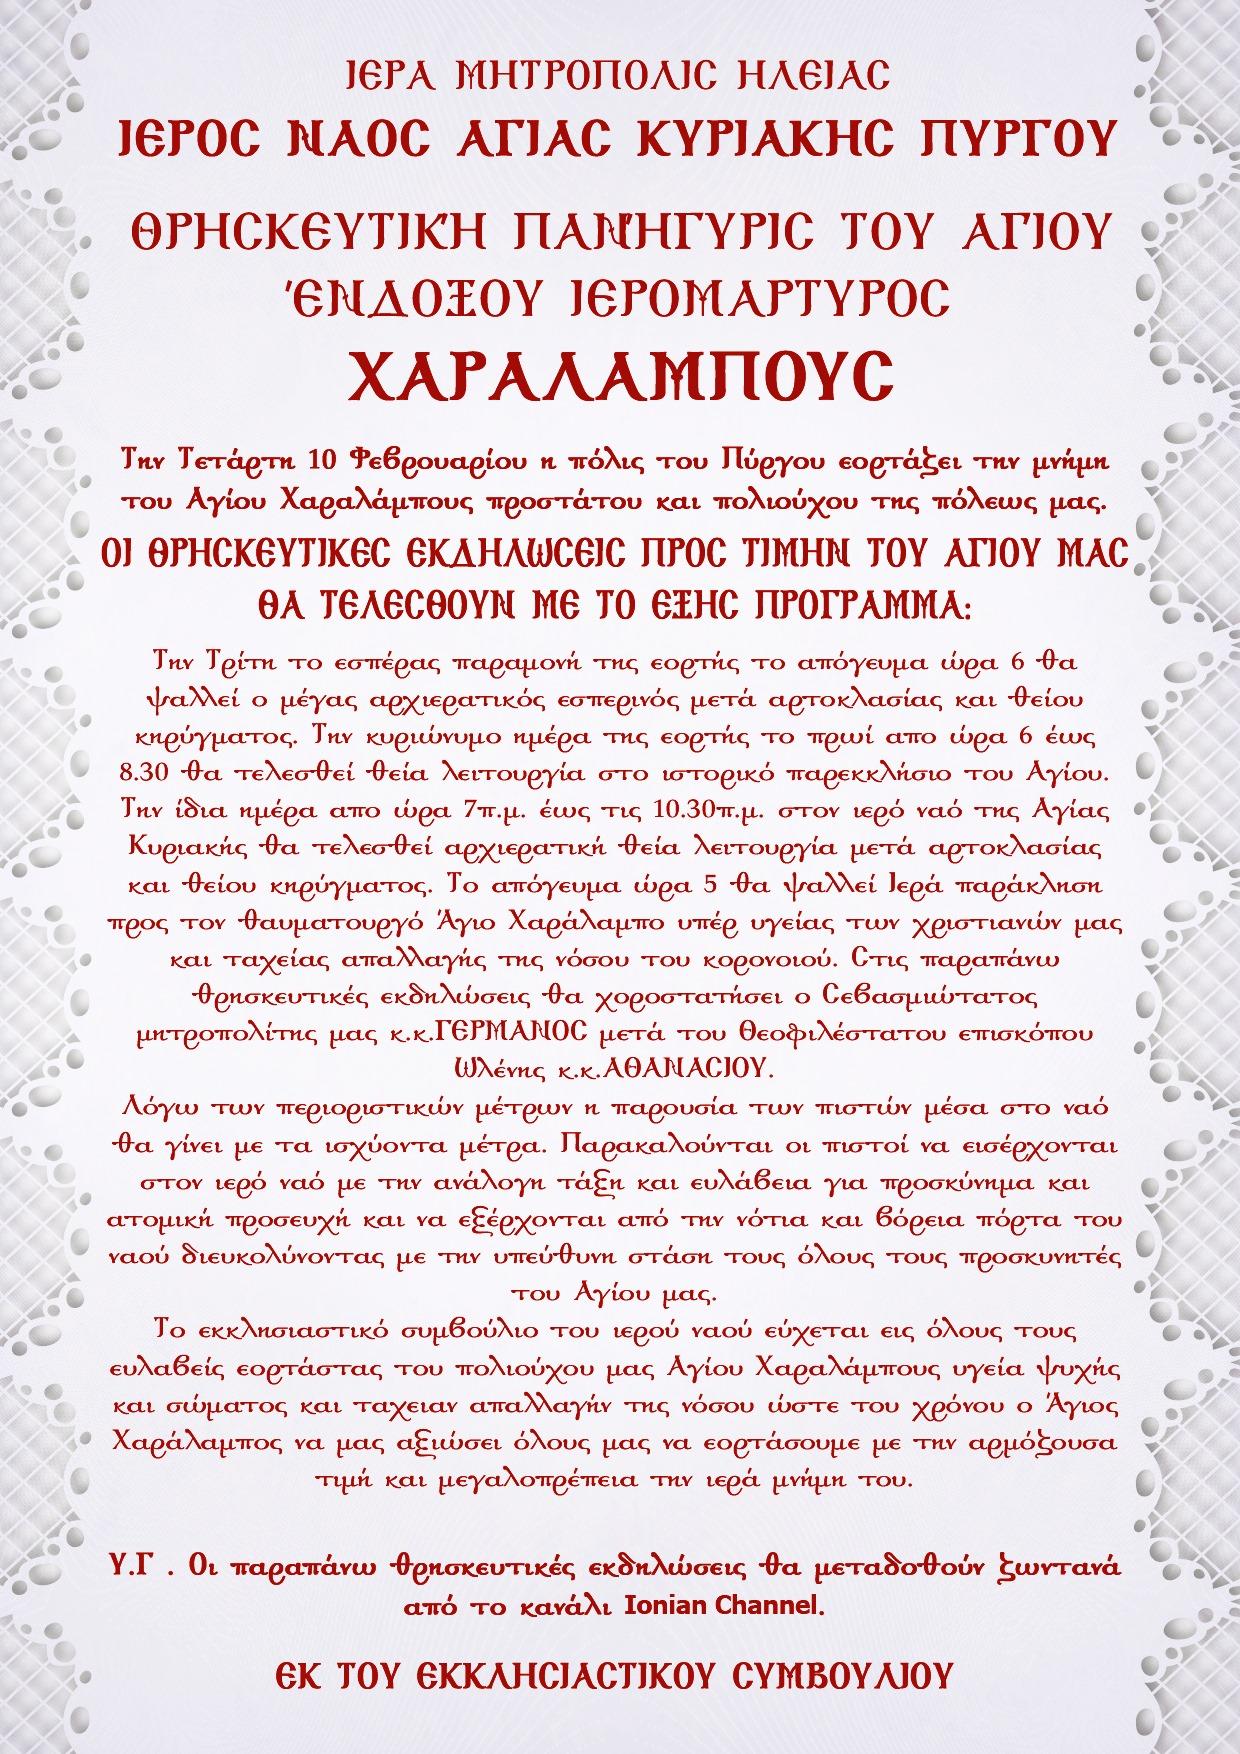 Πύργος: Το πρόγραμμα του φετινού εορτασμού του Πολιούχου Αγίου Χαραλάμπους με επίκεντρο των θρησκευτικών εκδηλώσεων τον Ι. Ναό της Αγίας Κυριακής